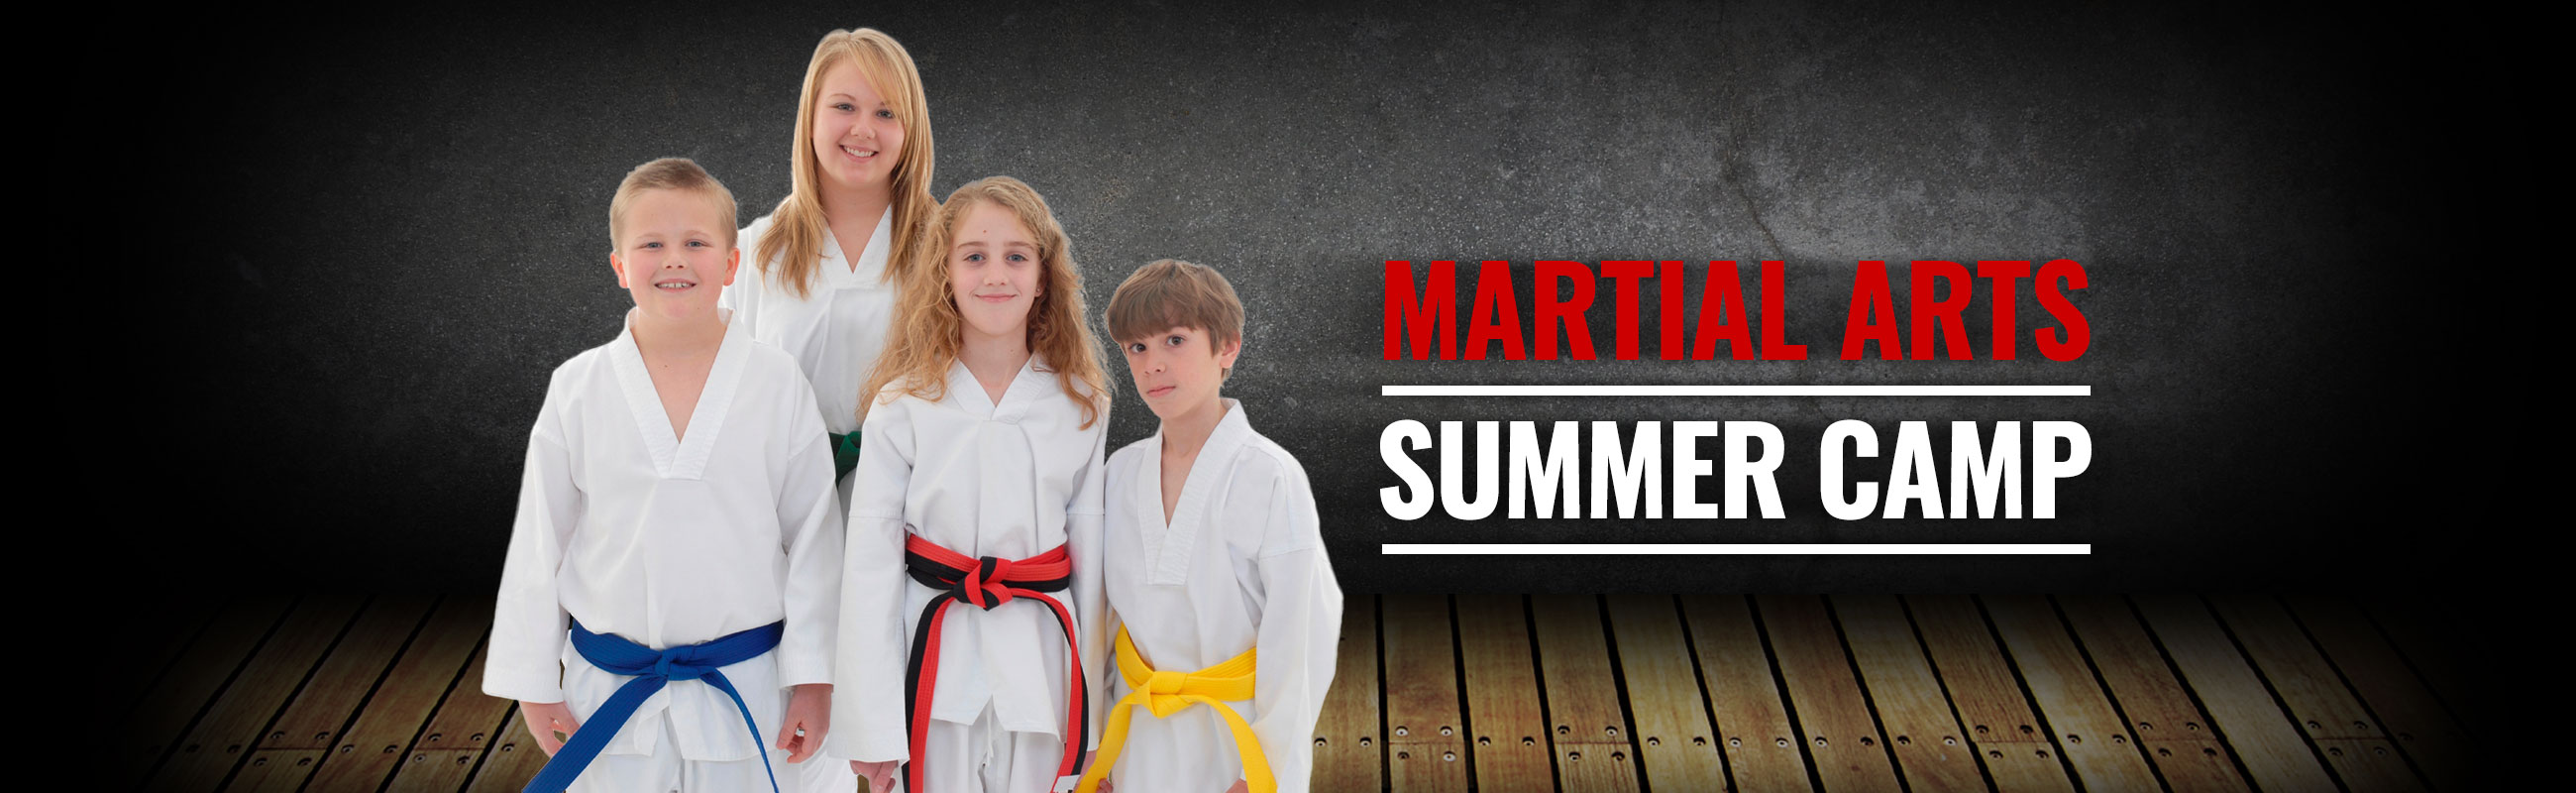 martial arts summer camp